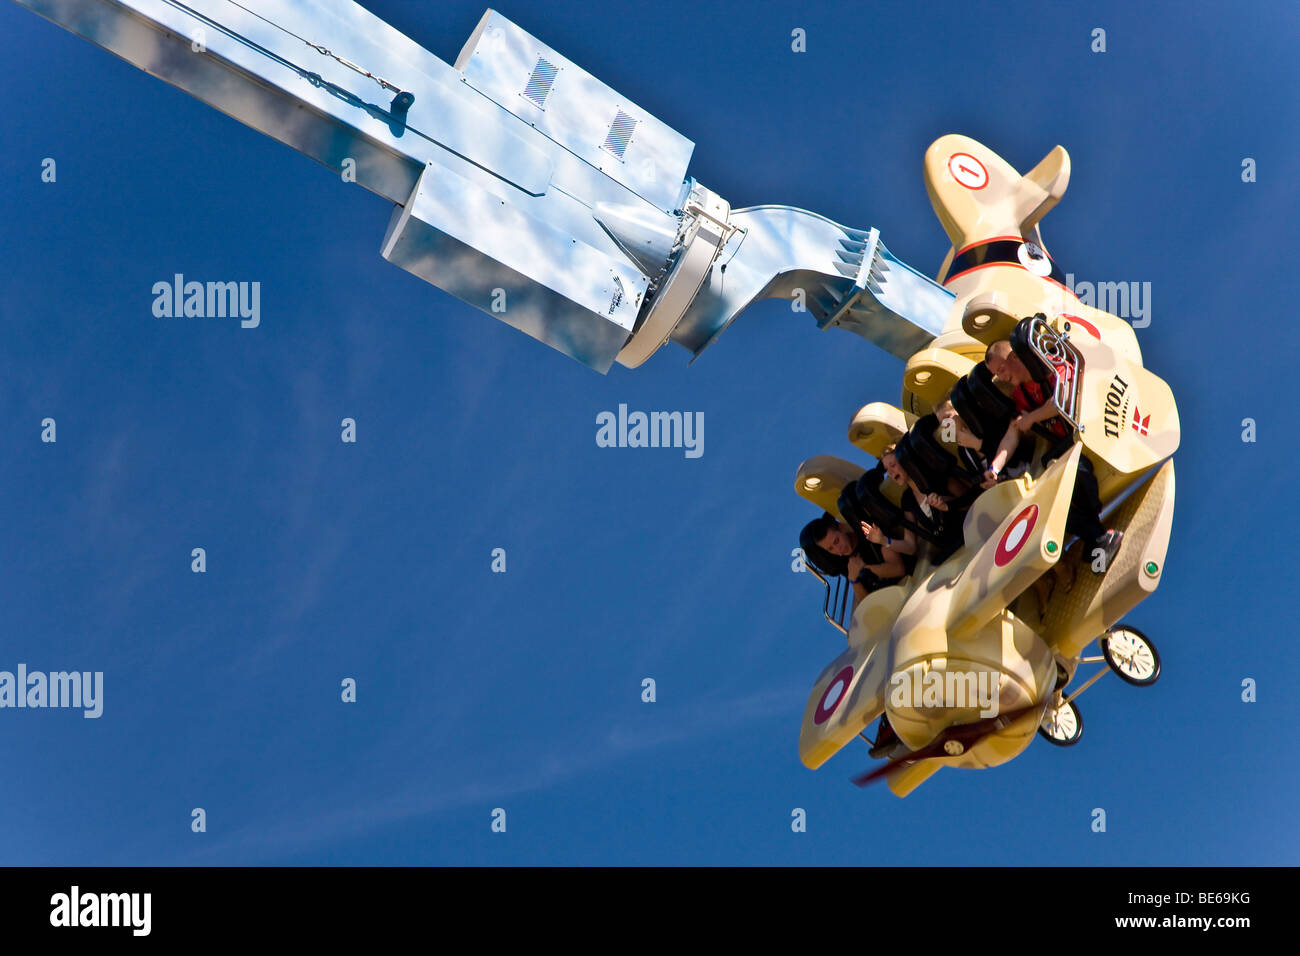 The Vertigo attraction in Tivoli, Copenhagen, Denmark, Europe - Stock Image